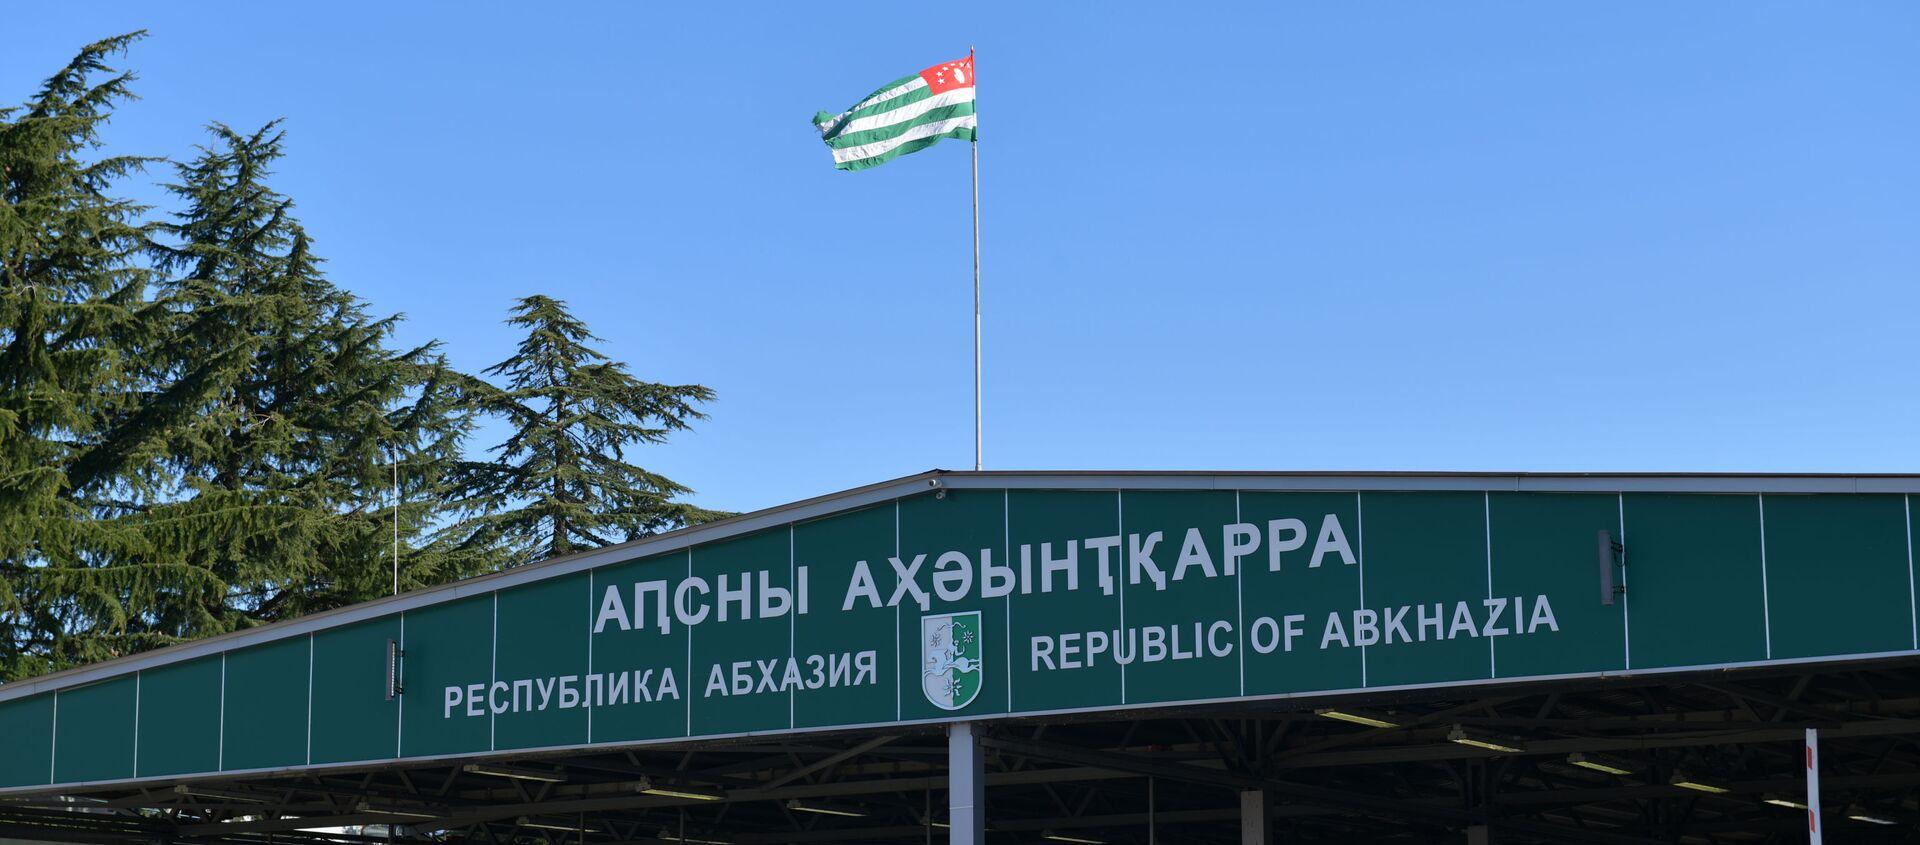 Таможенный контроль на КПП Псоу  - Sputnik Абхазия, 1920, 19.08.2021